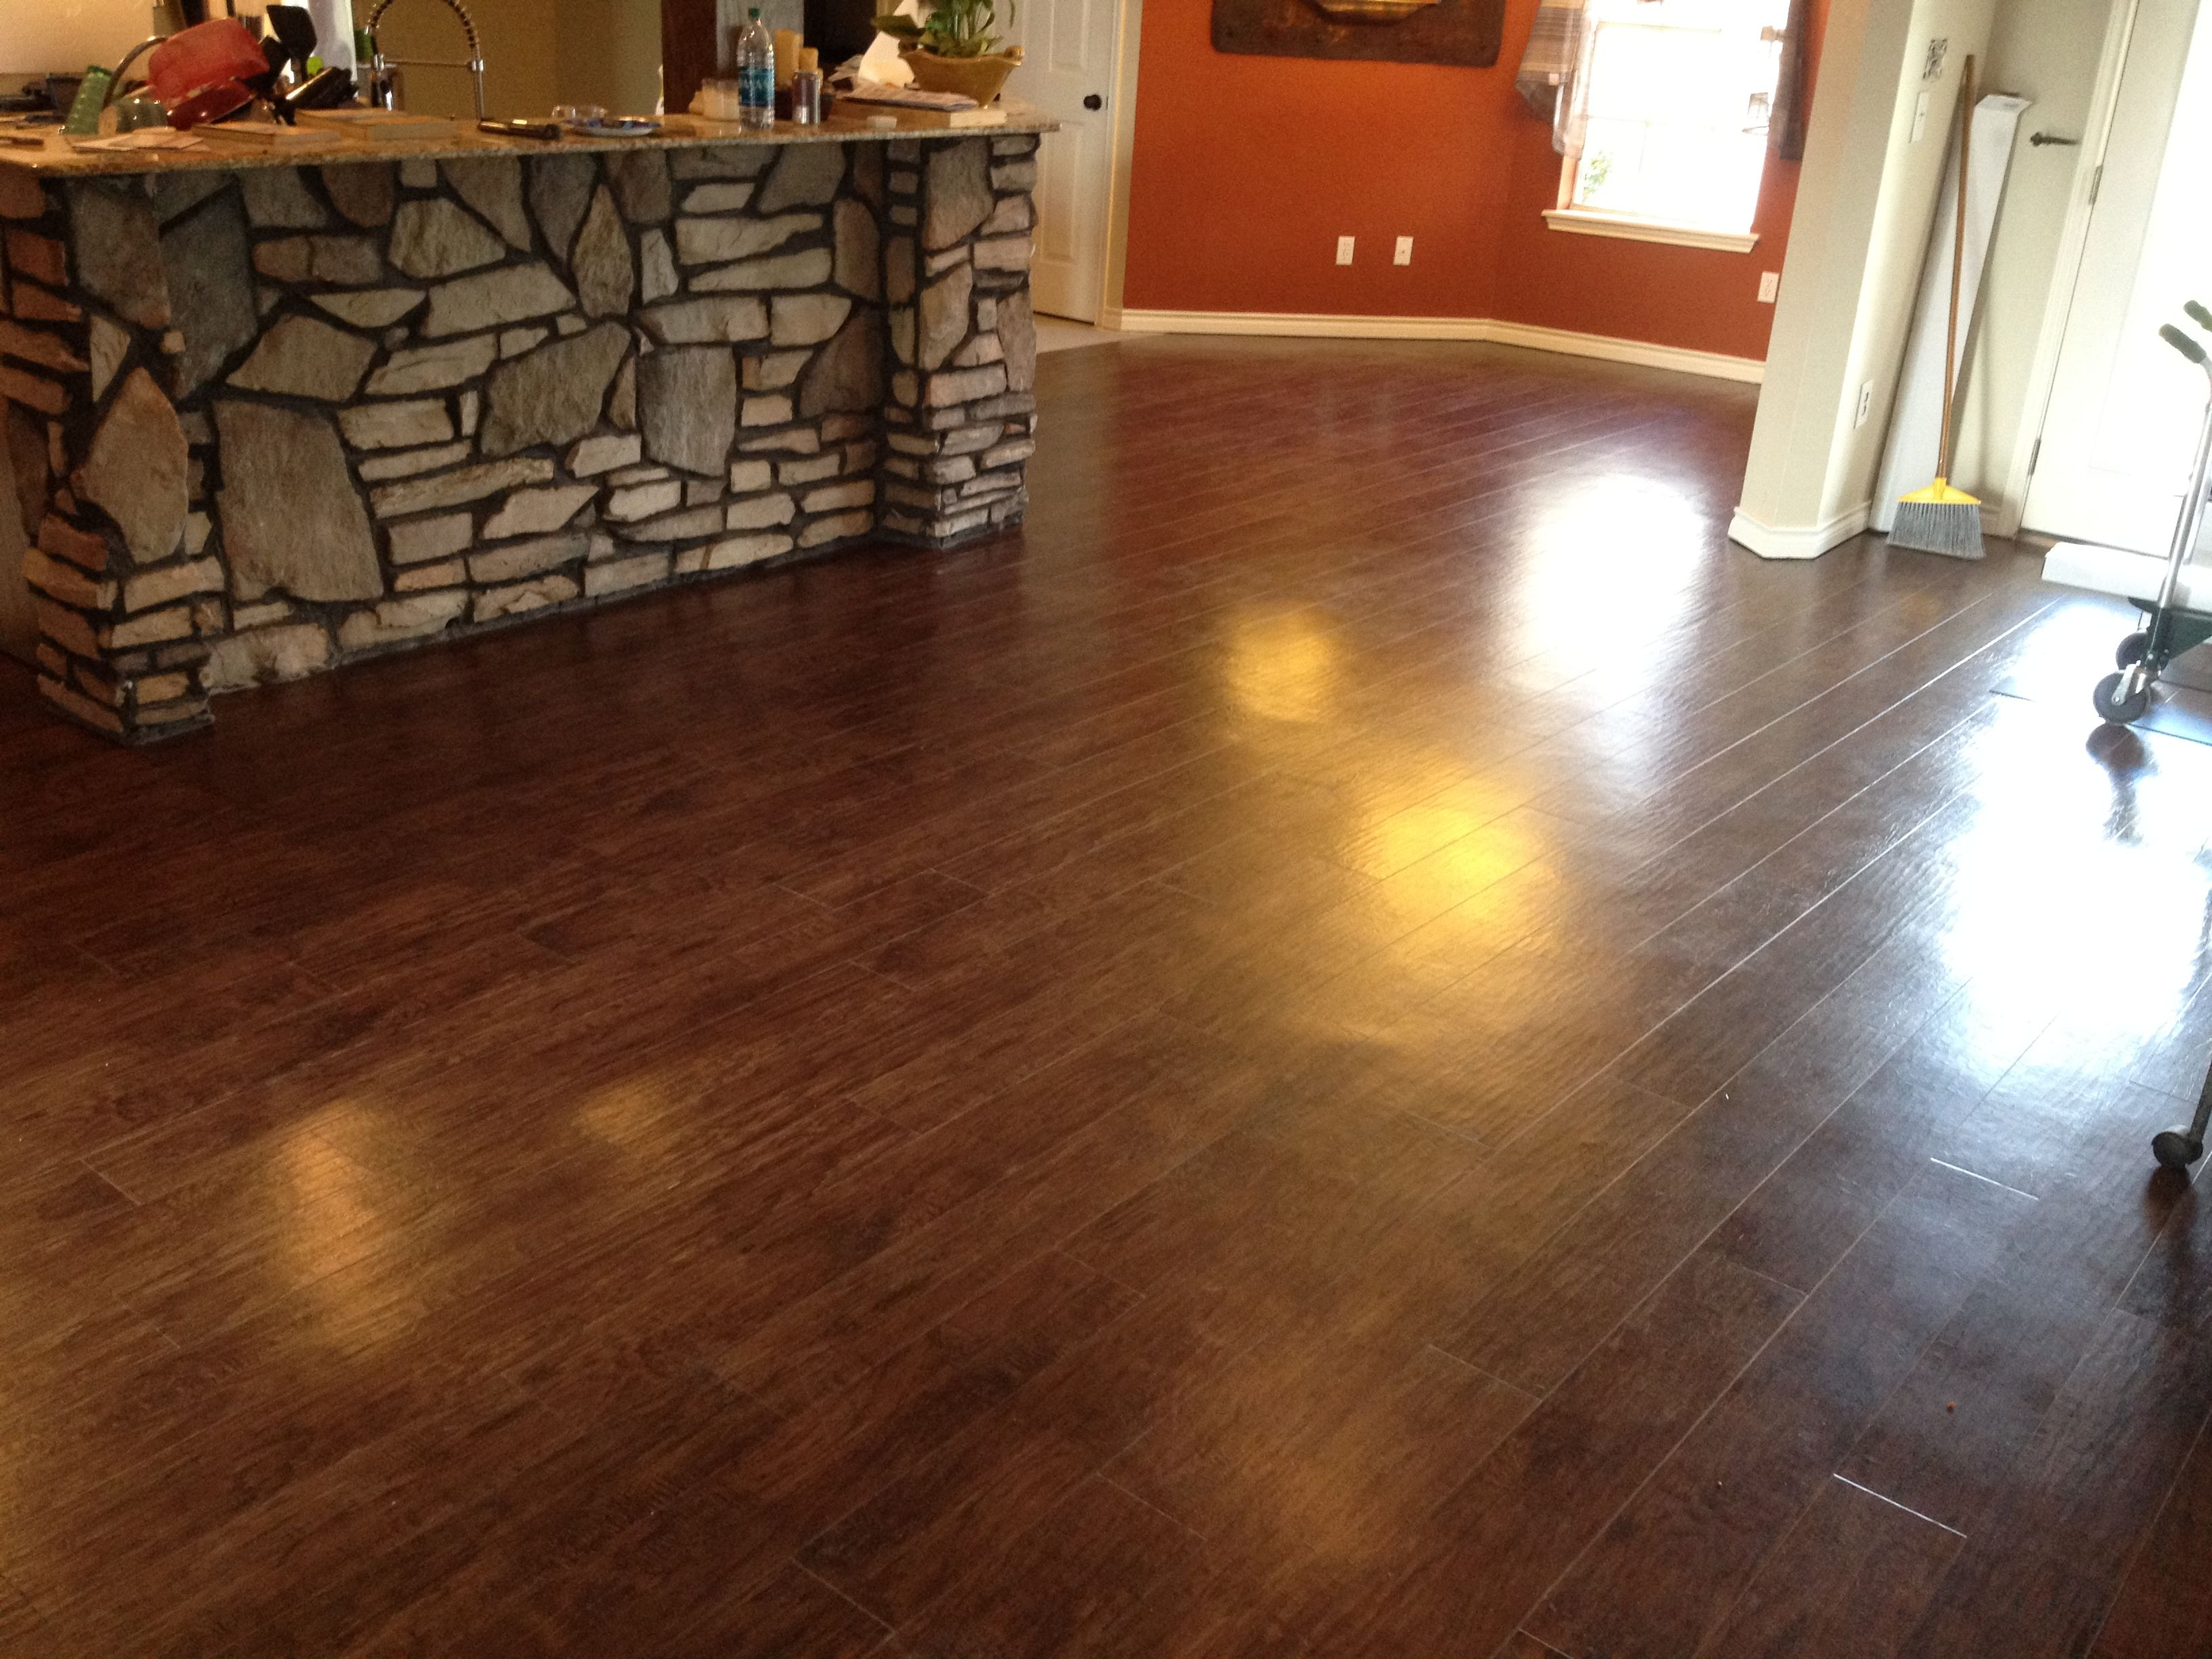 Vinyl Flooring That Looks Like Wood vinyl plank flooring